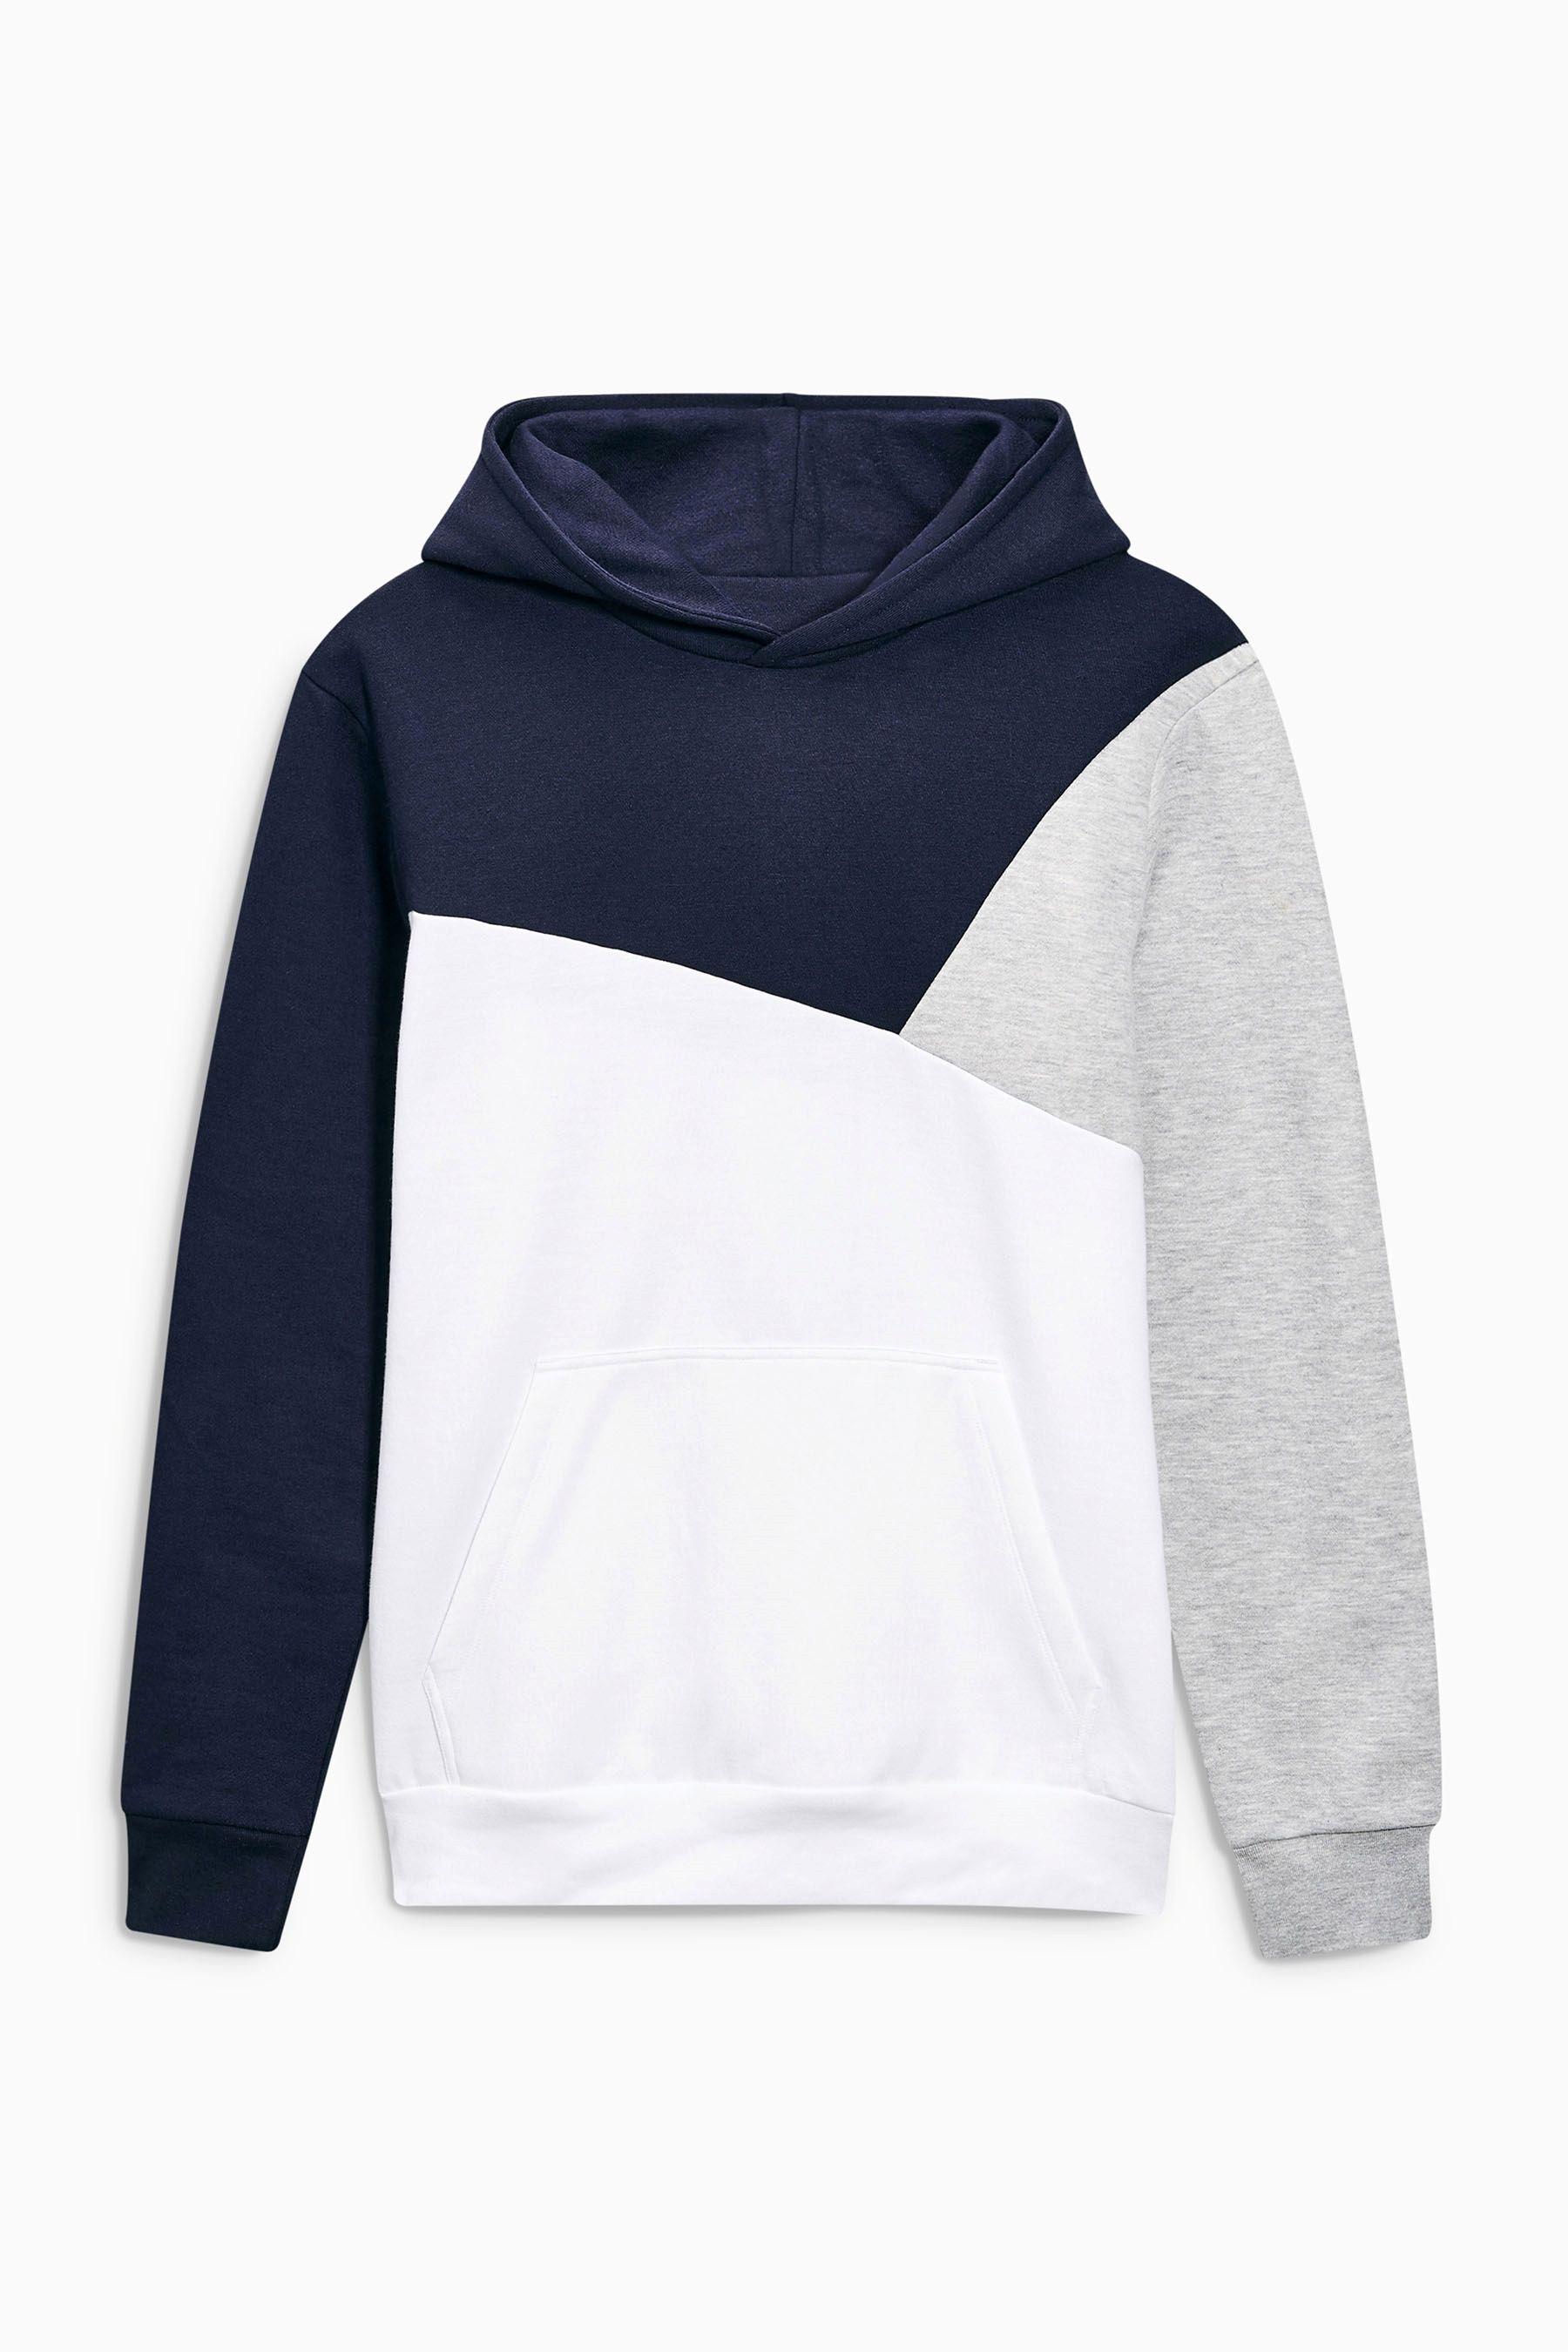 Comprar Sudadera con capucha y diseño de patchwork en azul marino online  hoy en Next  España 42b290161b9b